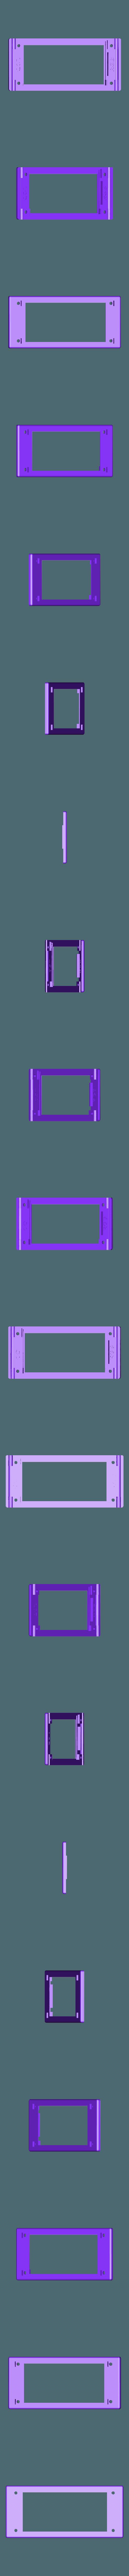 LCD_Back.stl Télécharger fichier STL gratuit Blinkini (Dessus de l'obturateur LCD) • Design pour impression 3D, SexyCyborg